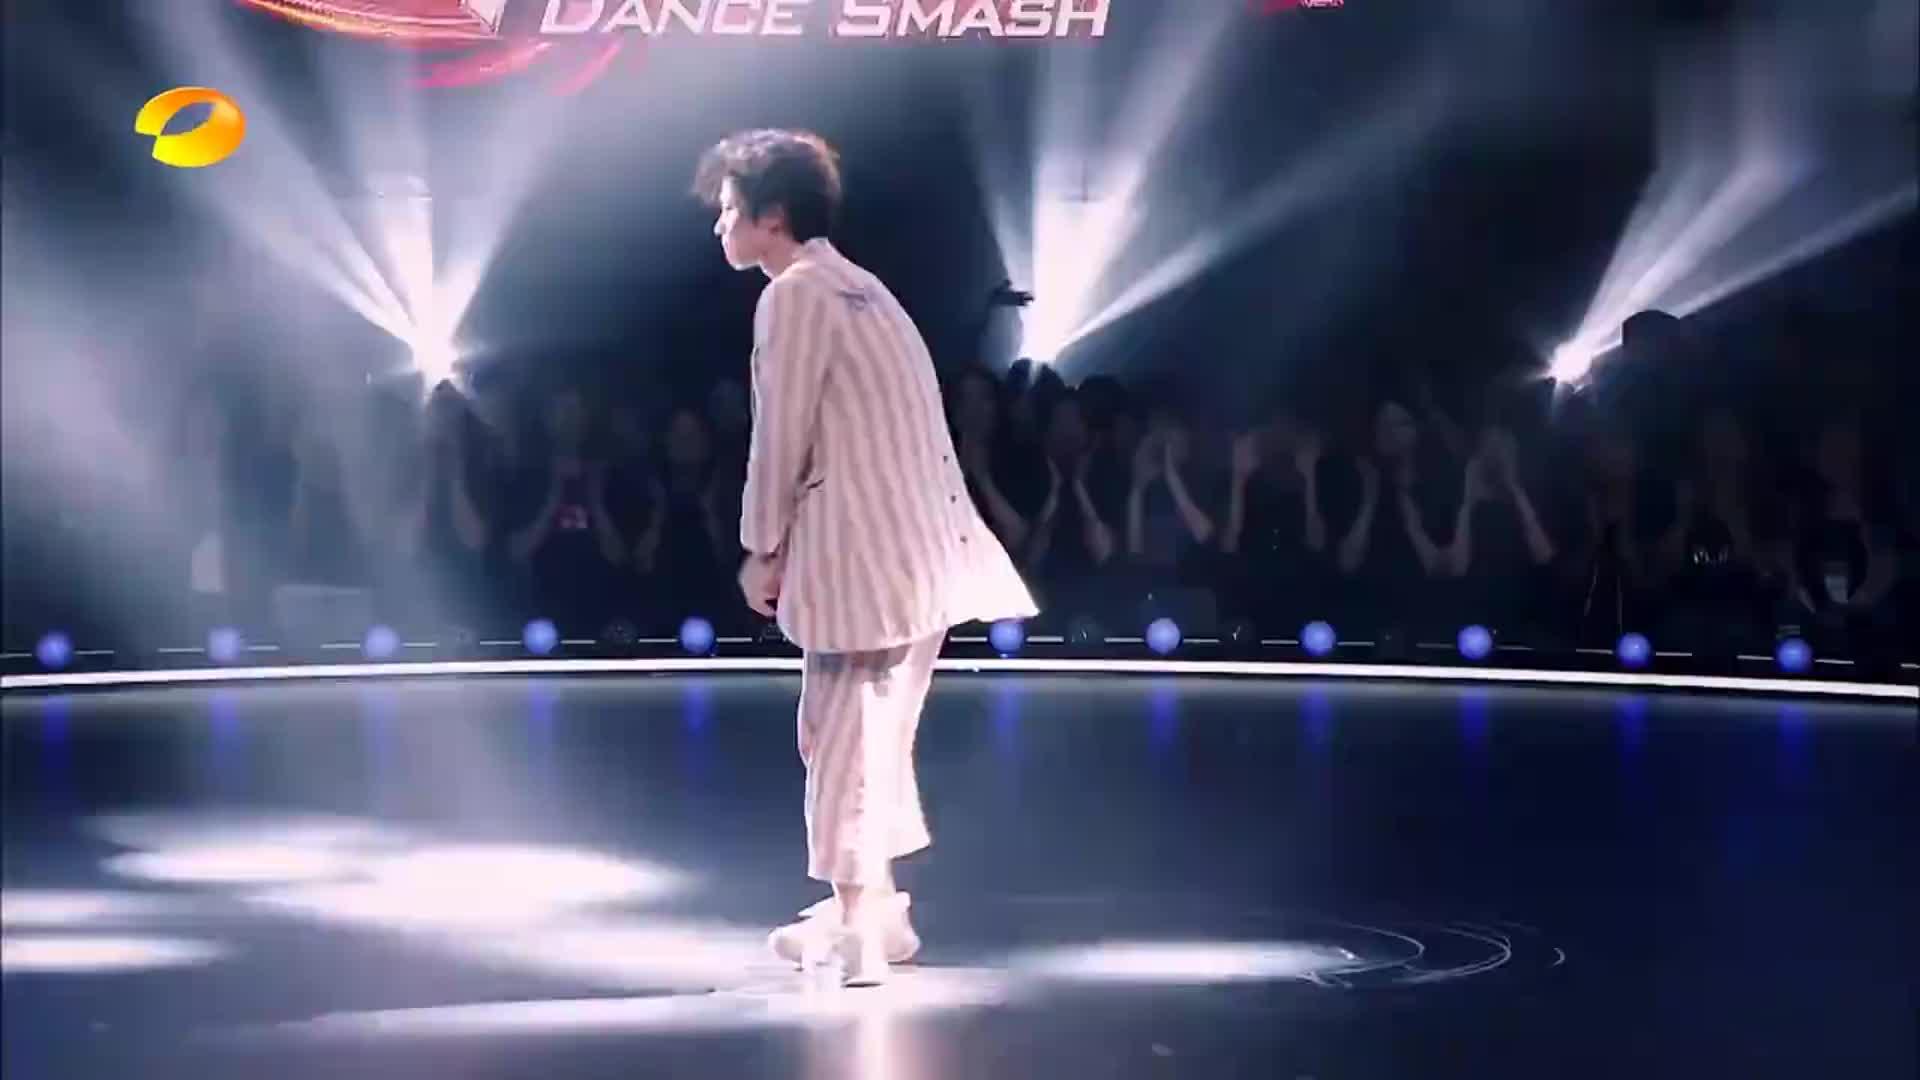 王晨艺回归舞者身份,用舞蹈演绎社交恐惧,炸场瞬间又带丝凄凉!